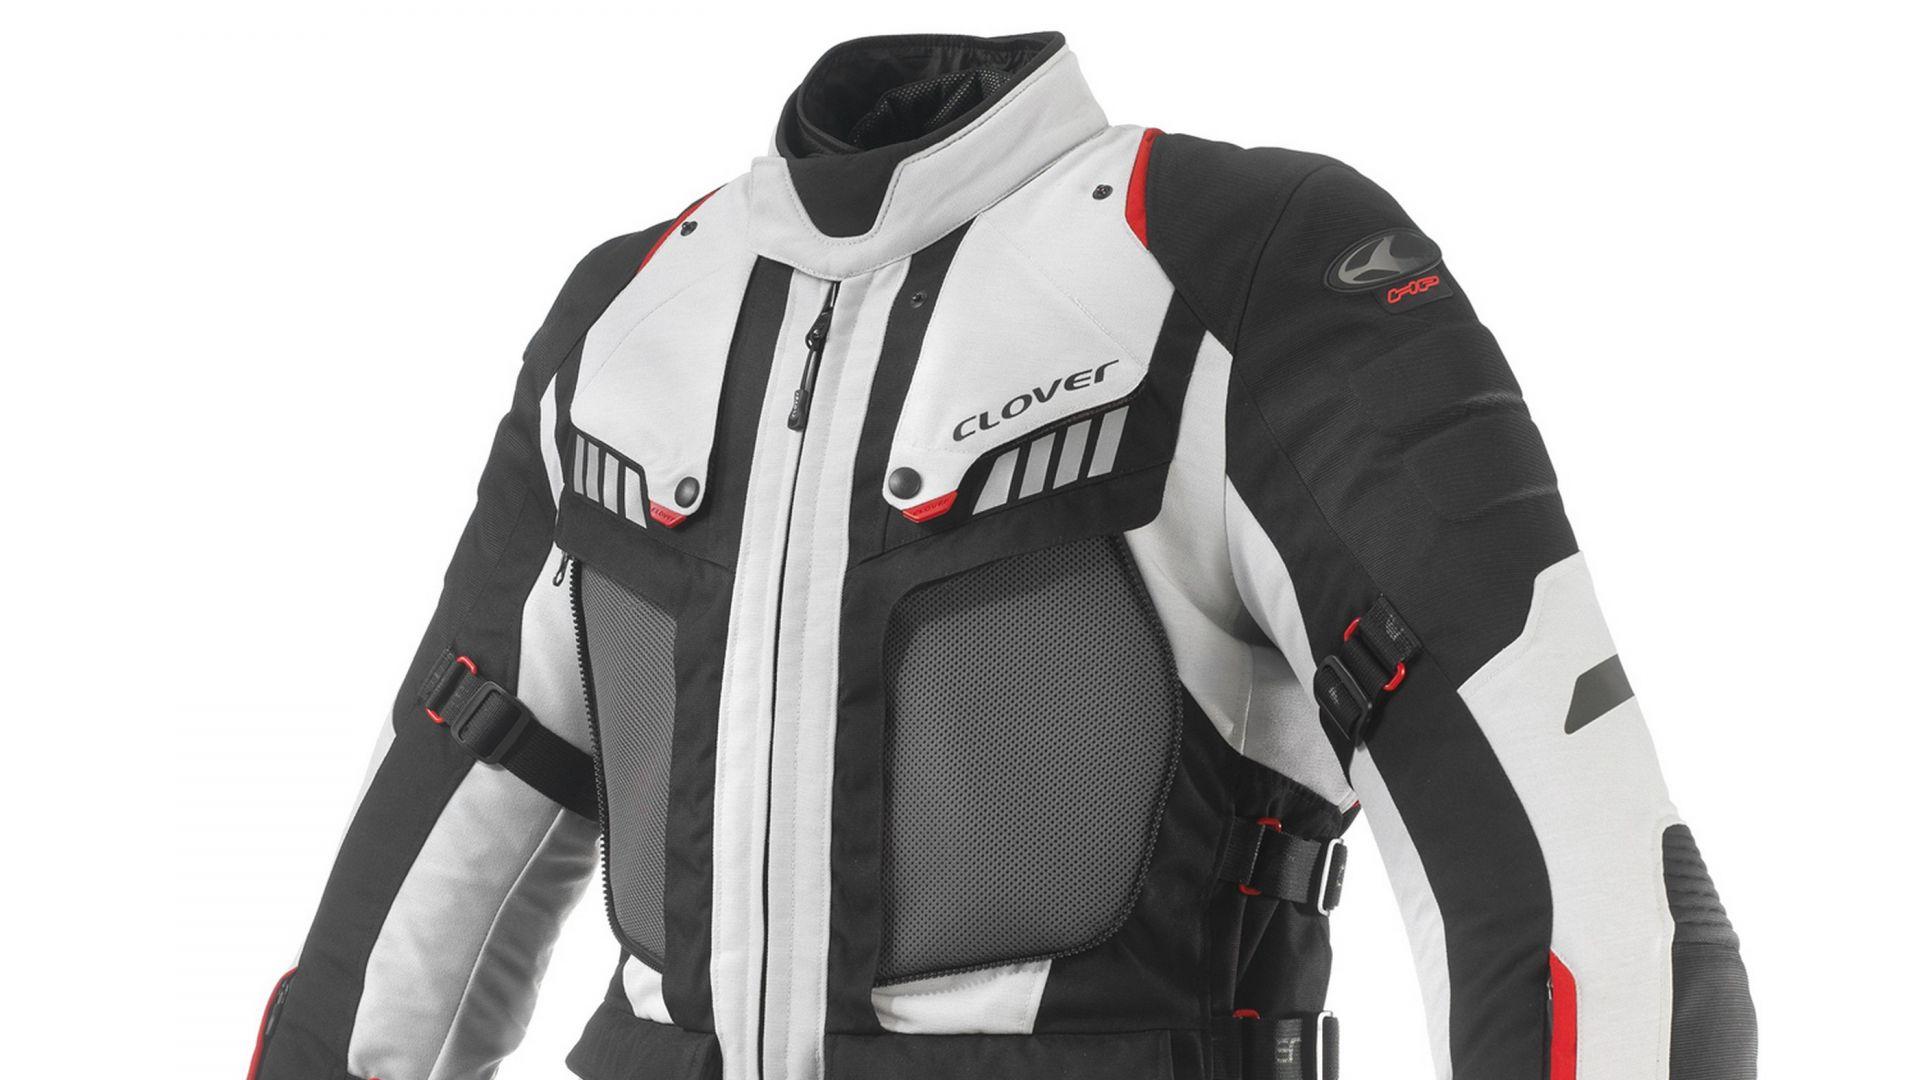 Abbigliamento moto  Clover  novità 2016 - MotorBox 0dbe19c5d34a